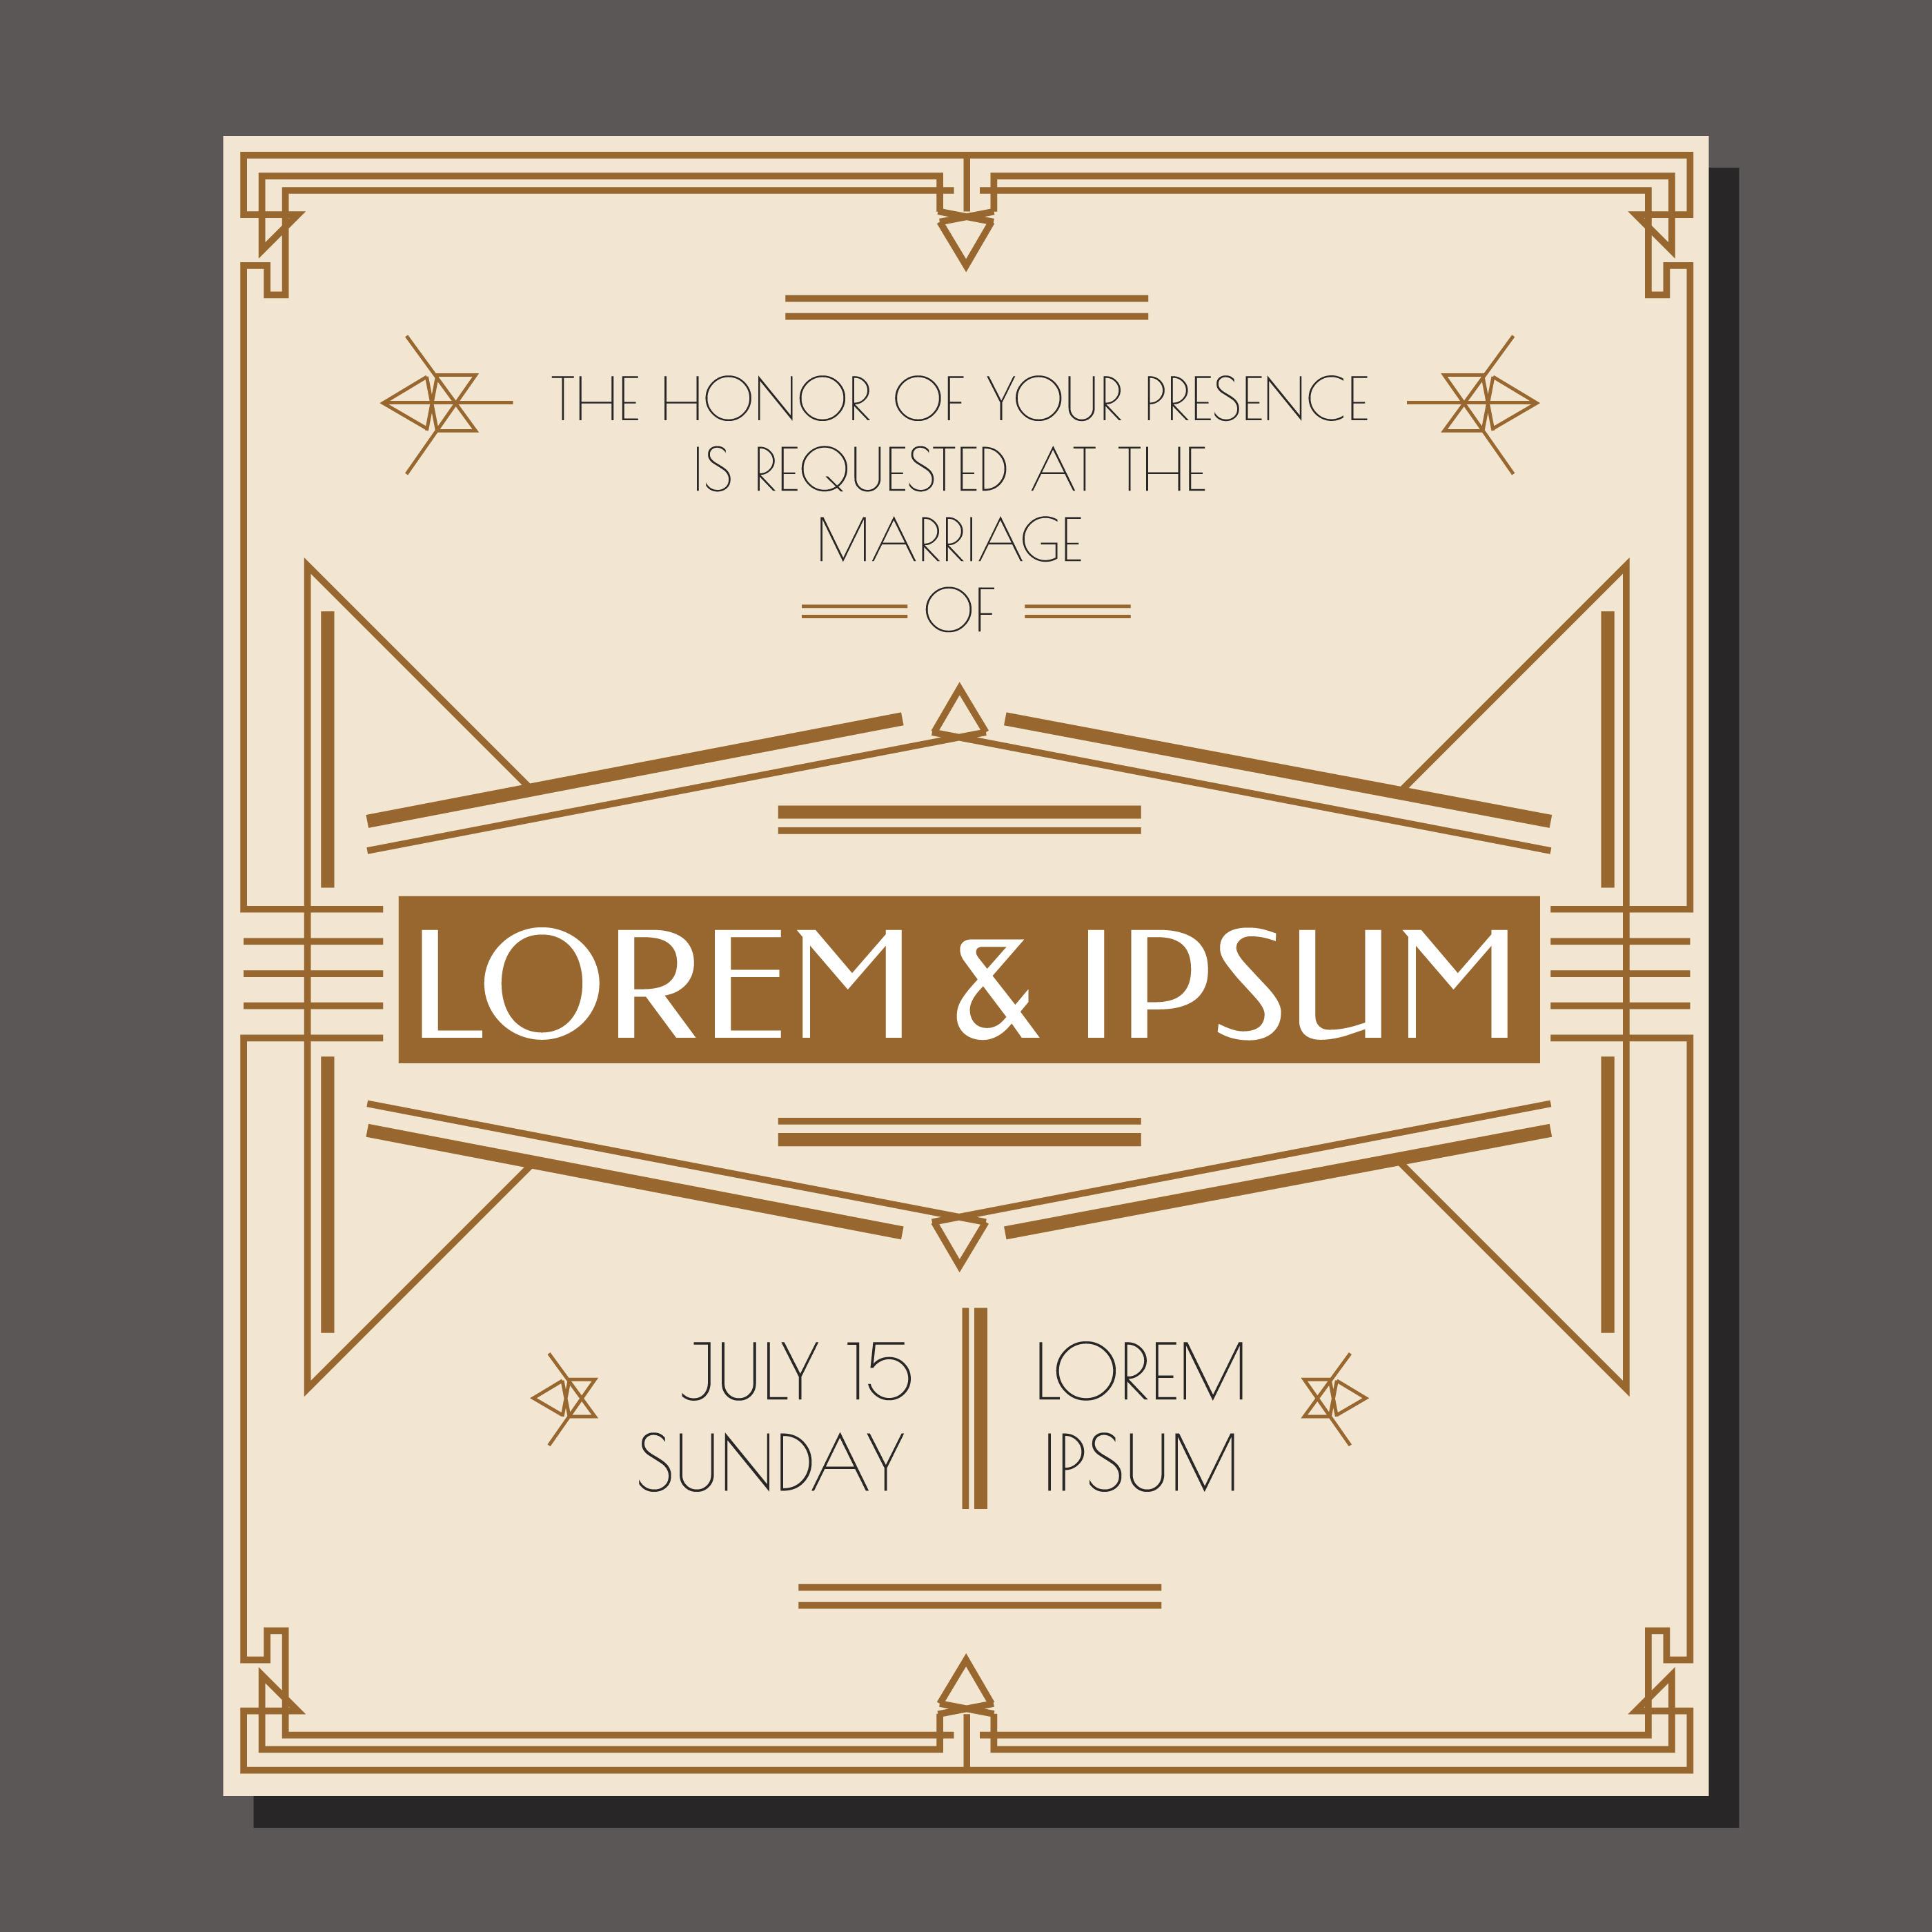 Invitation Card Design - (19004 Free Downloads)